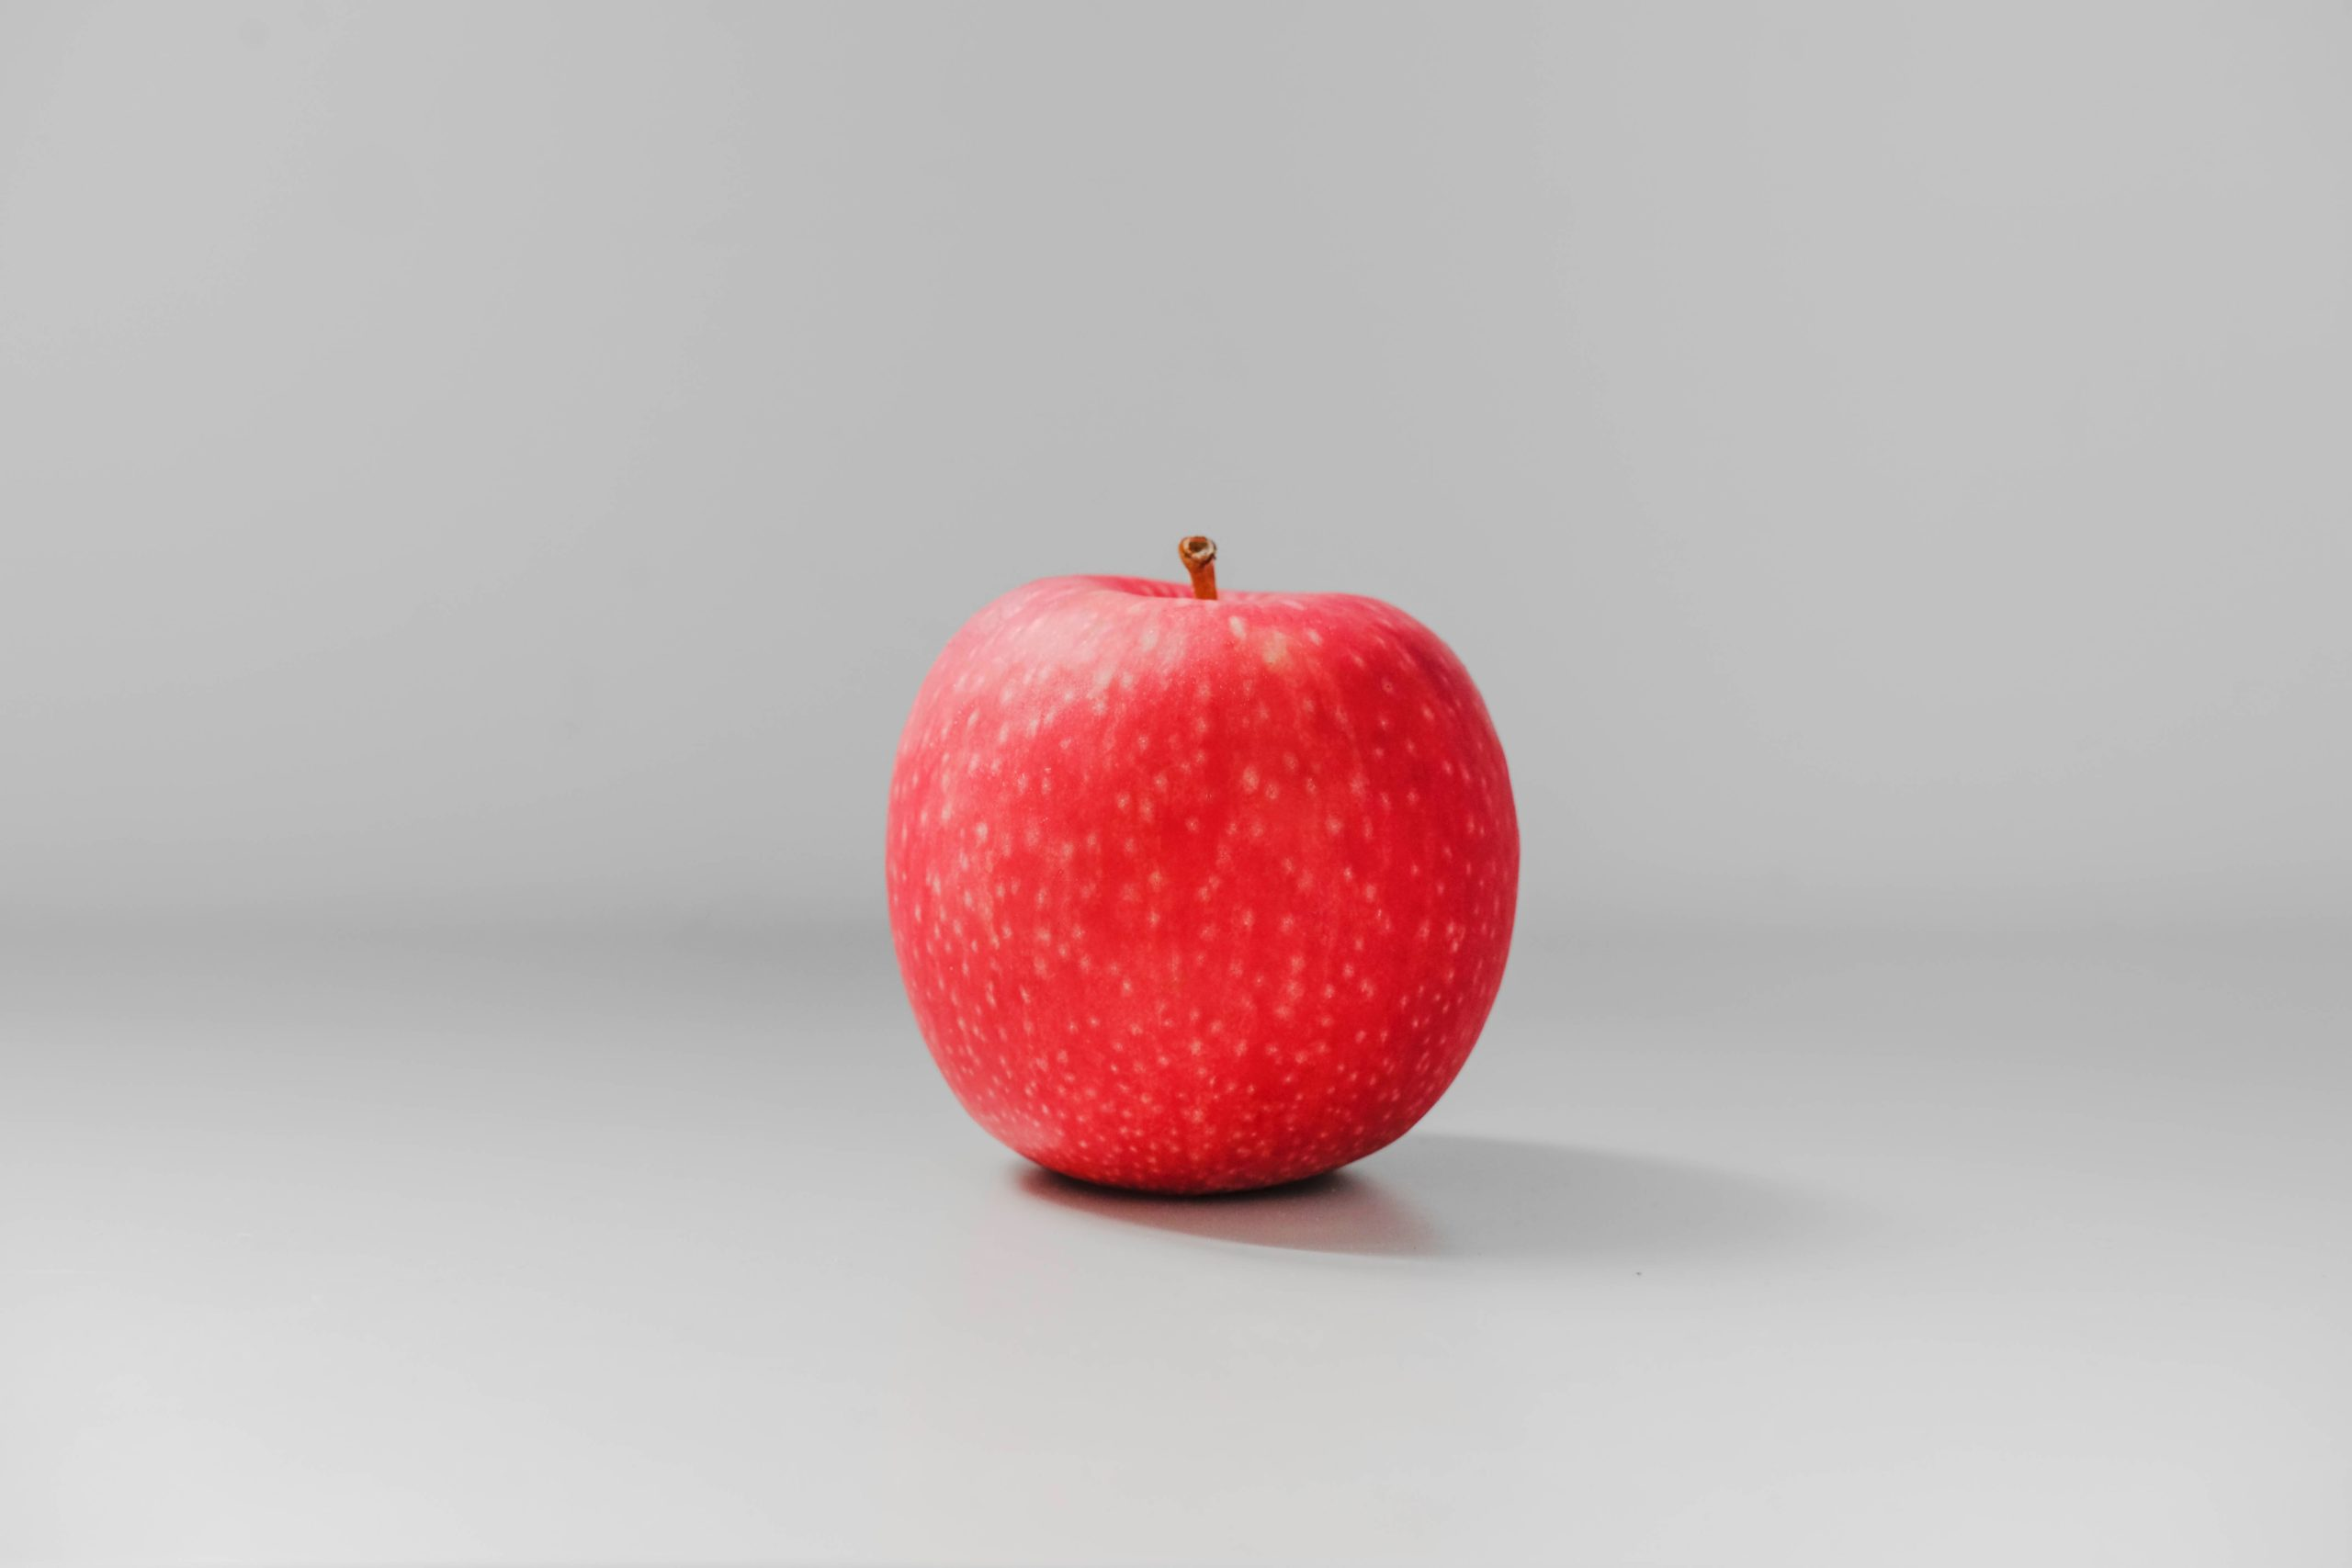 アップル信者はやめるべき理由【適度+愛用者】